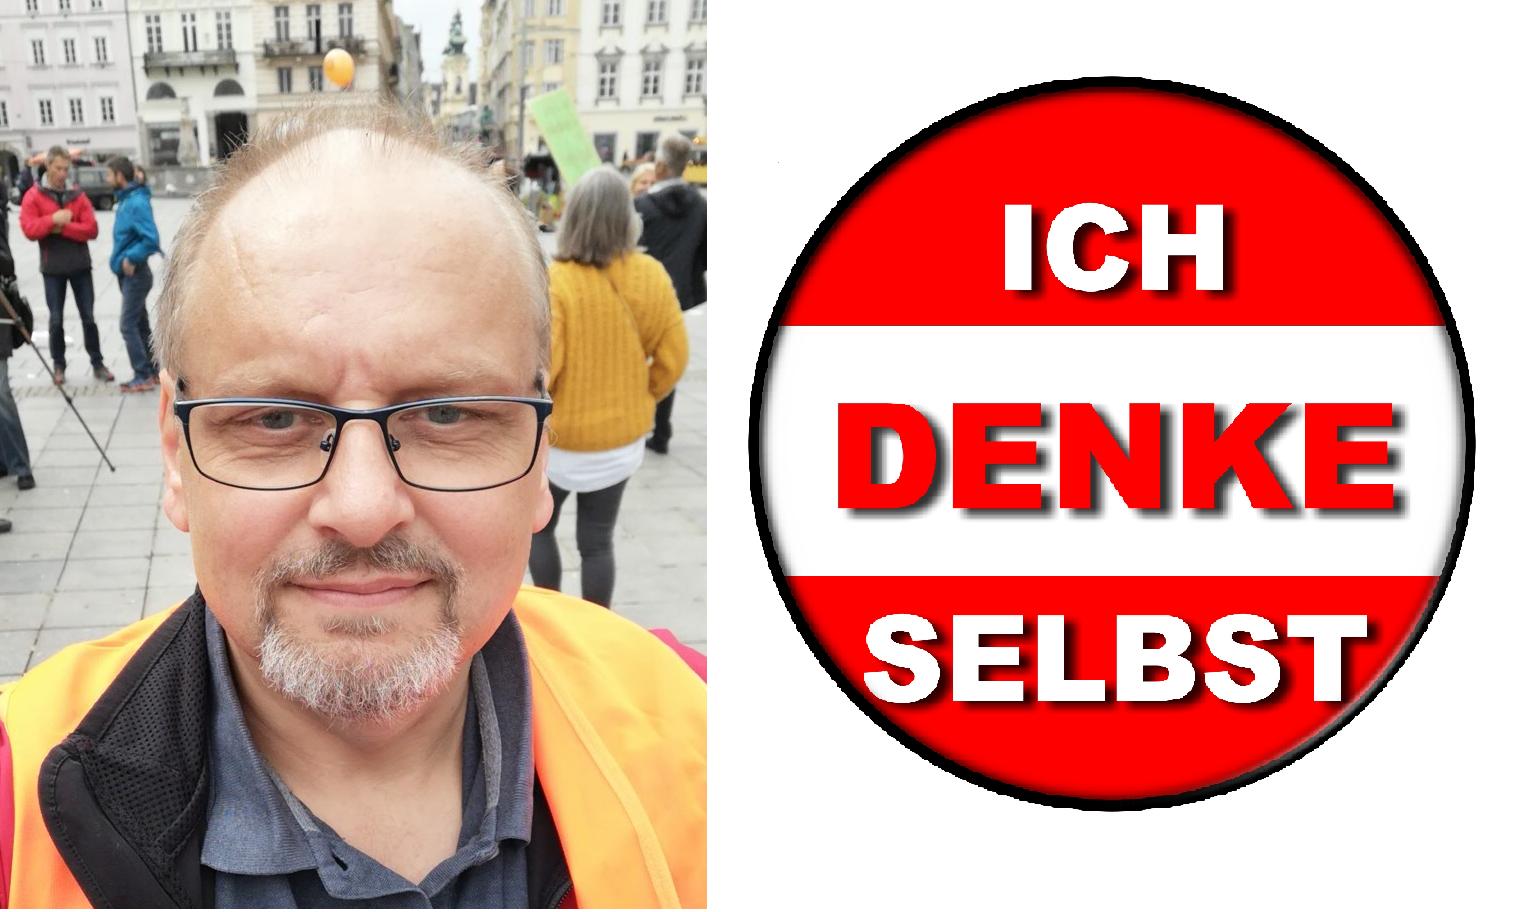 Jürgen LEssner - ichdenkeselbsts.at